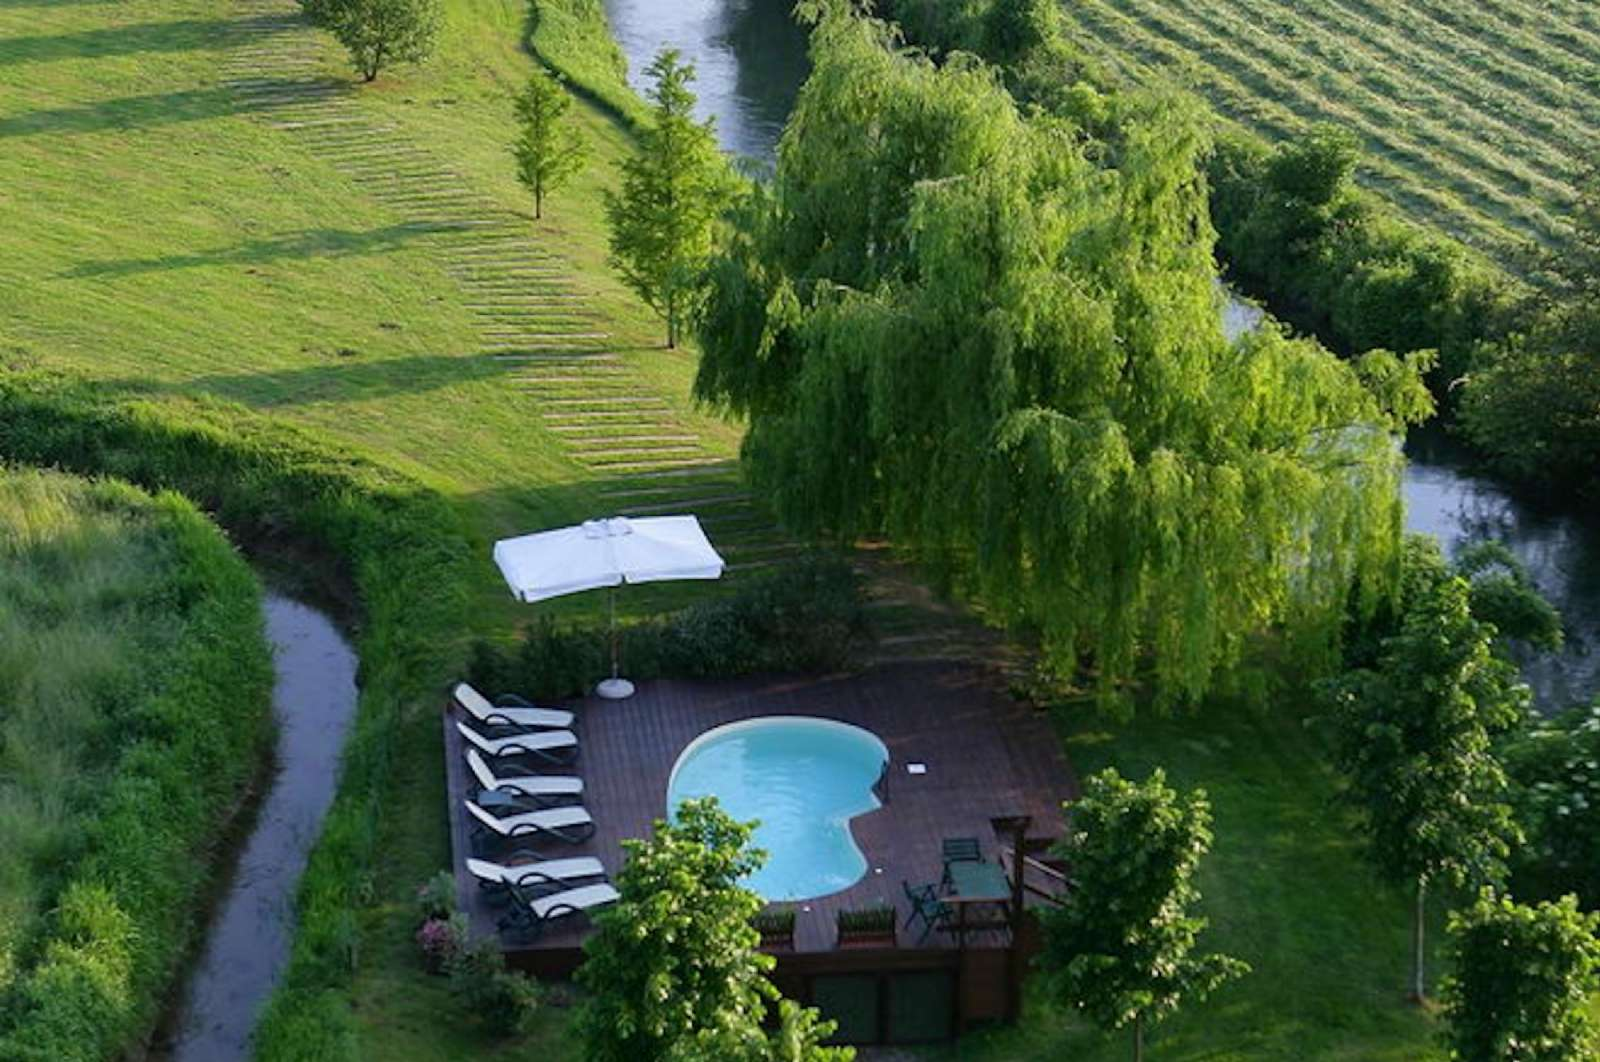 Opstammet pool i fredet landskab på Agriturismo Musella